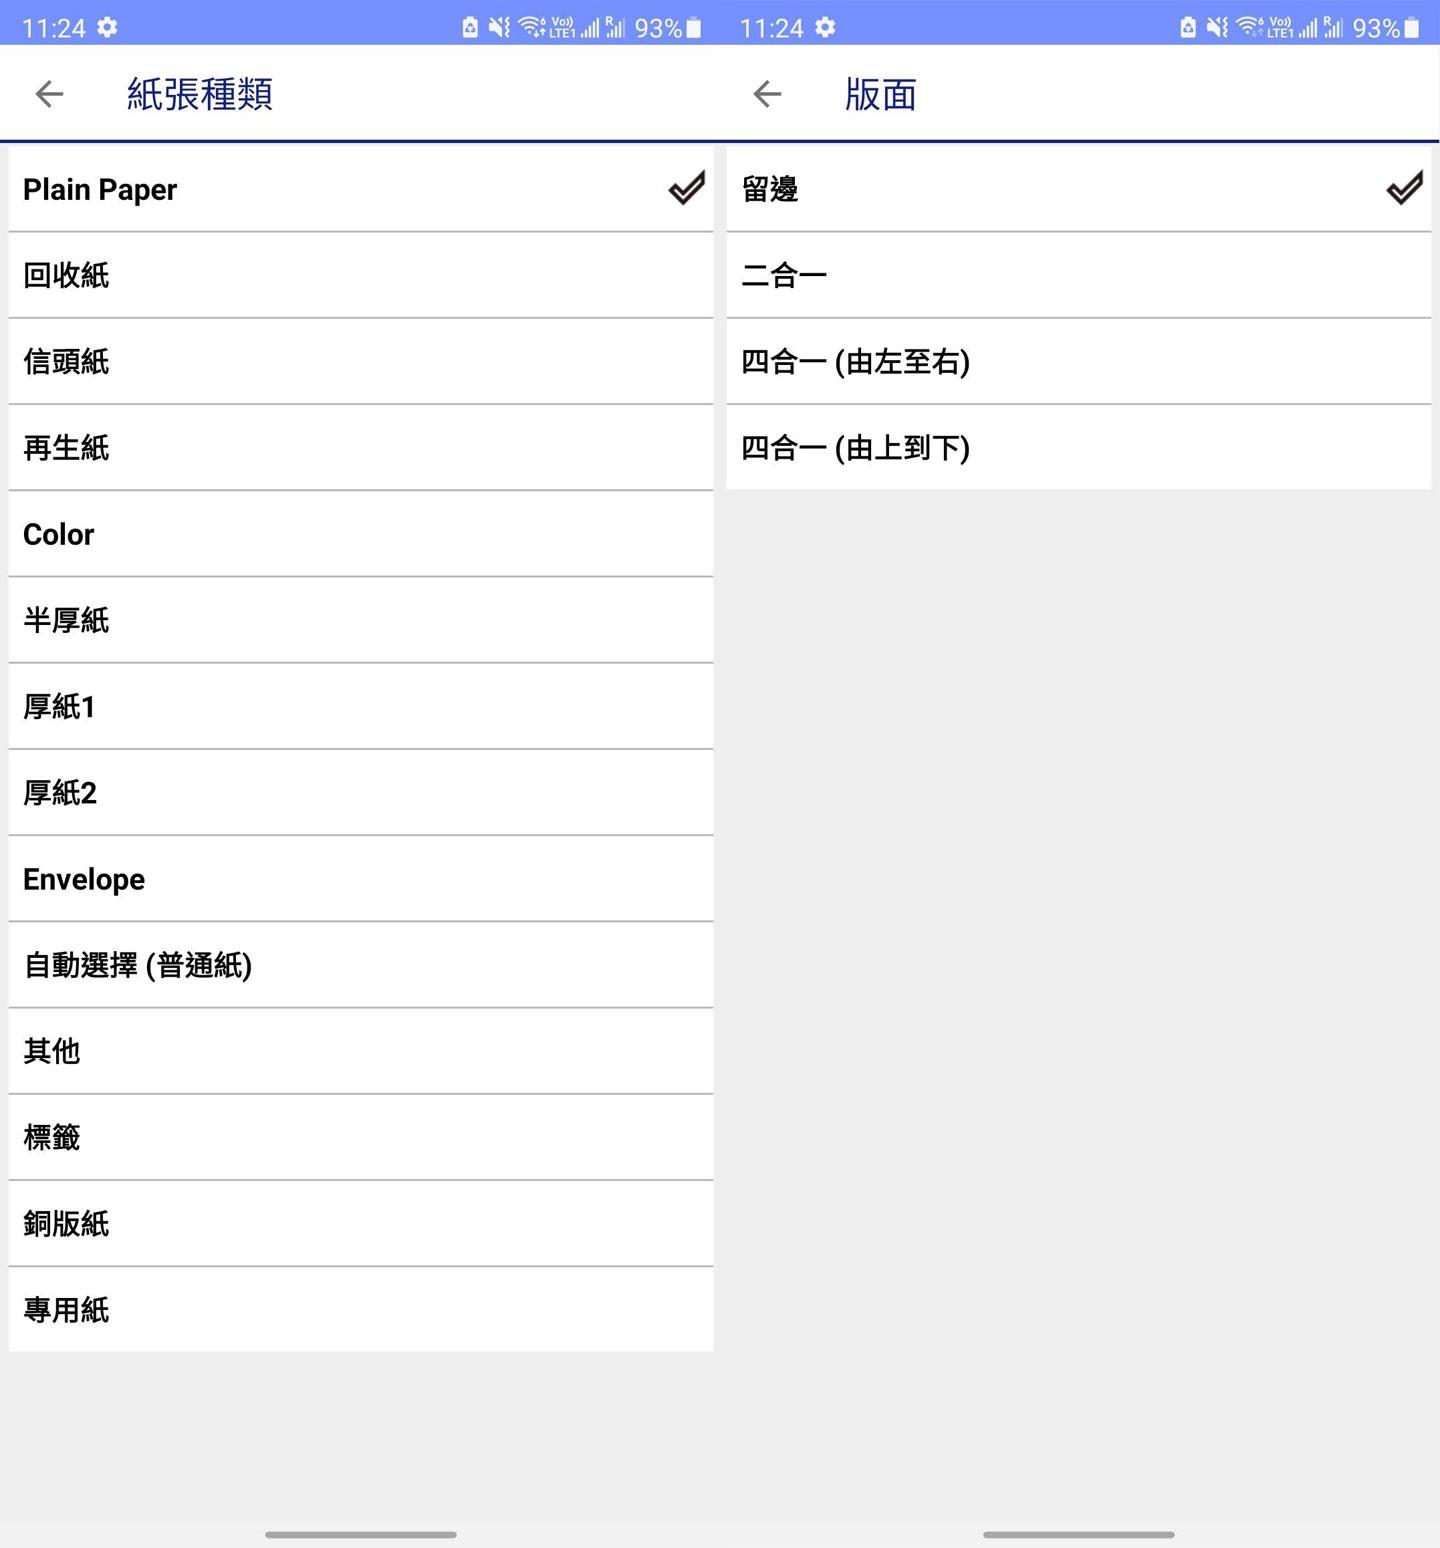 可選擇各類型的紙張與版面配置。